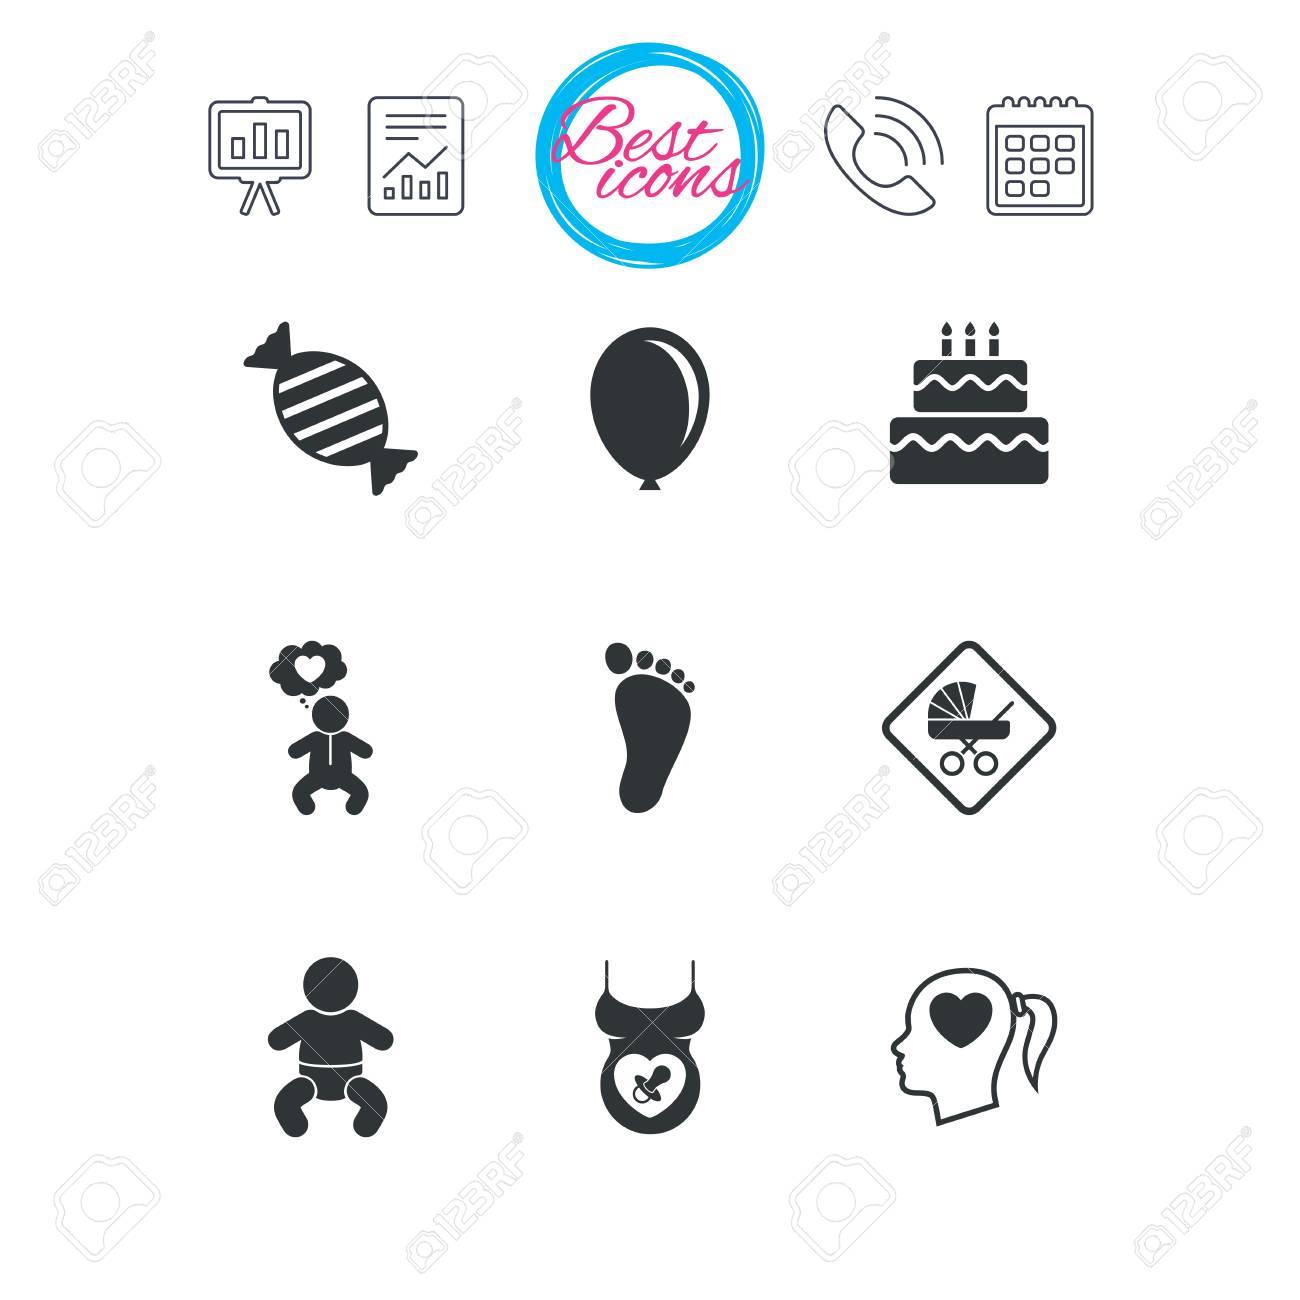 Calendario Maternita.Presentazione Report E Segni Di Calendario Icone Di Gravidanza Maternita E Cura Del Bambino Caramelle Passeggini E Segni Ciuccio Impronta Torta